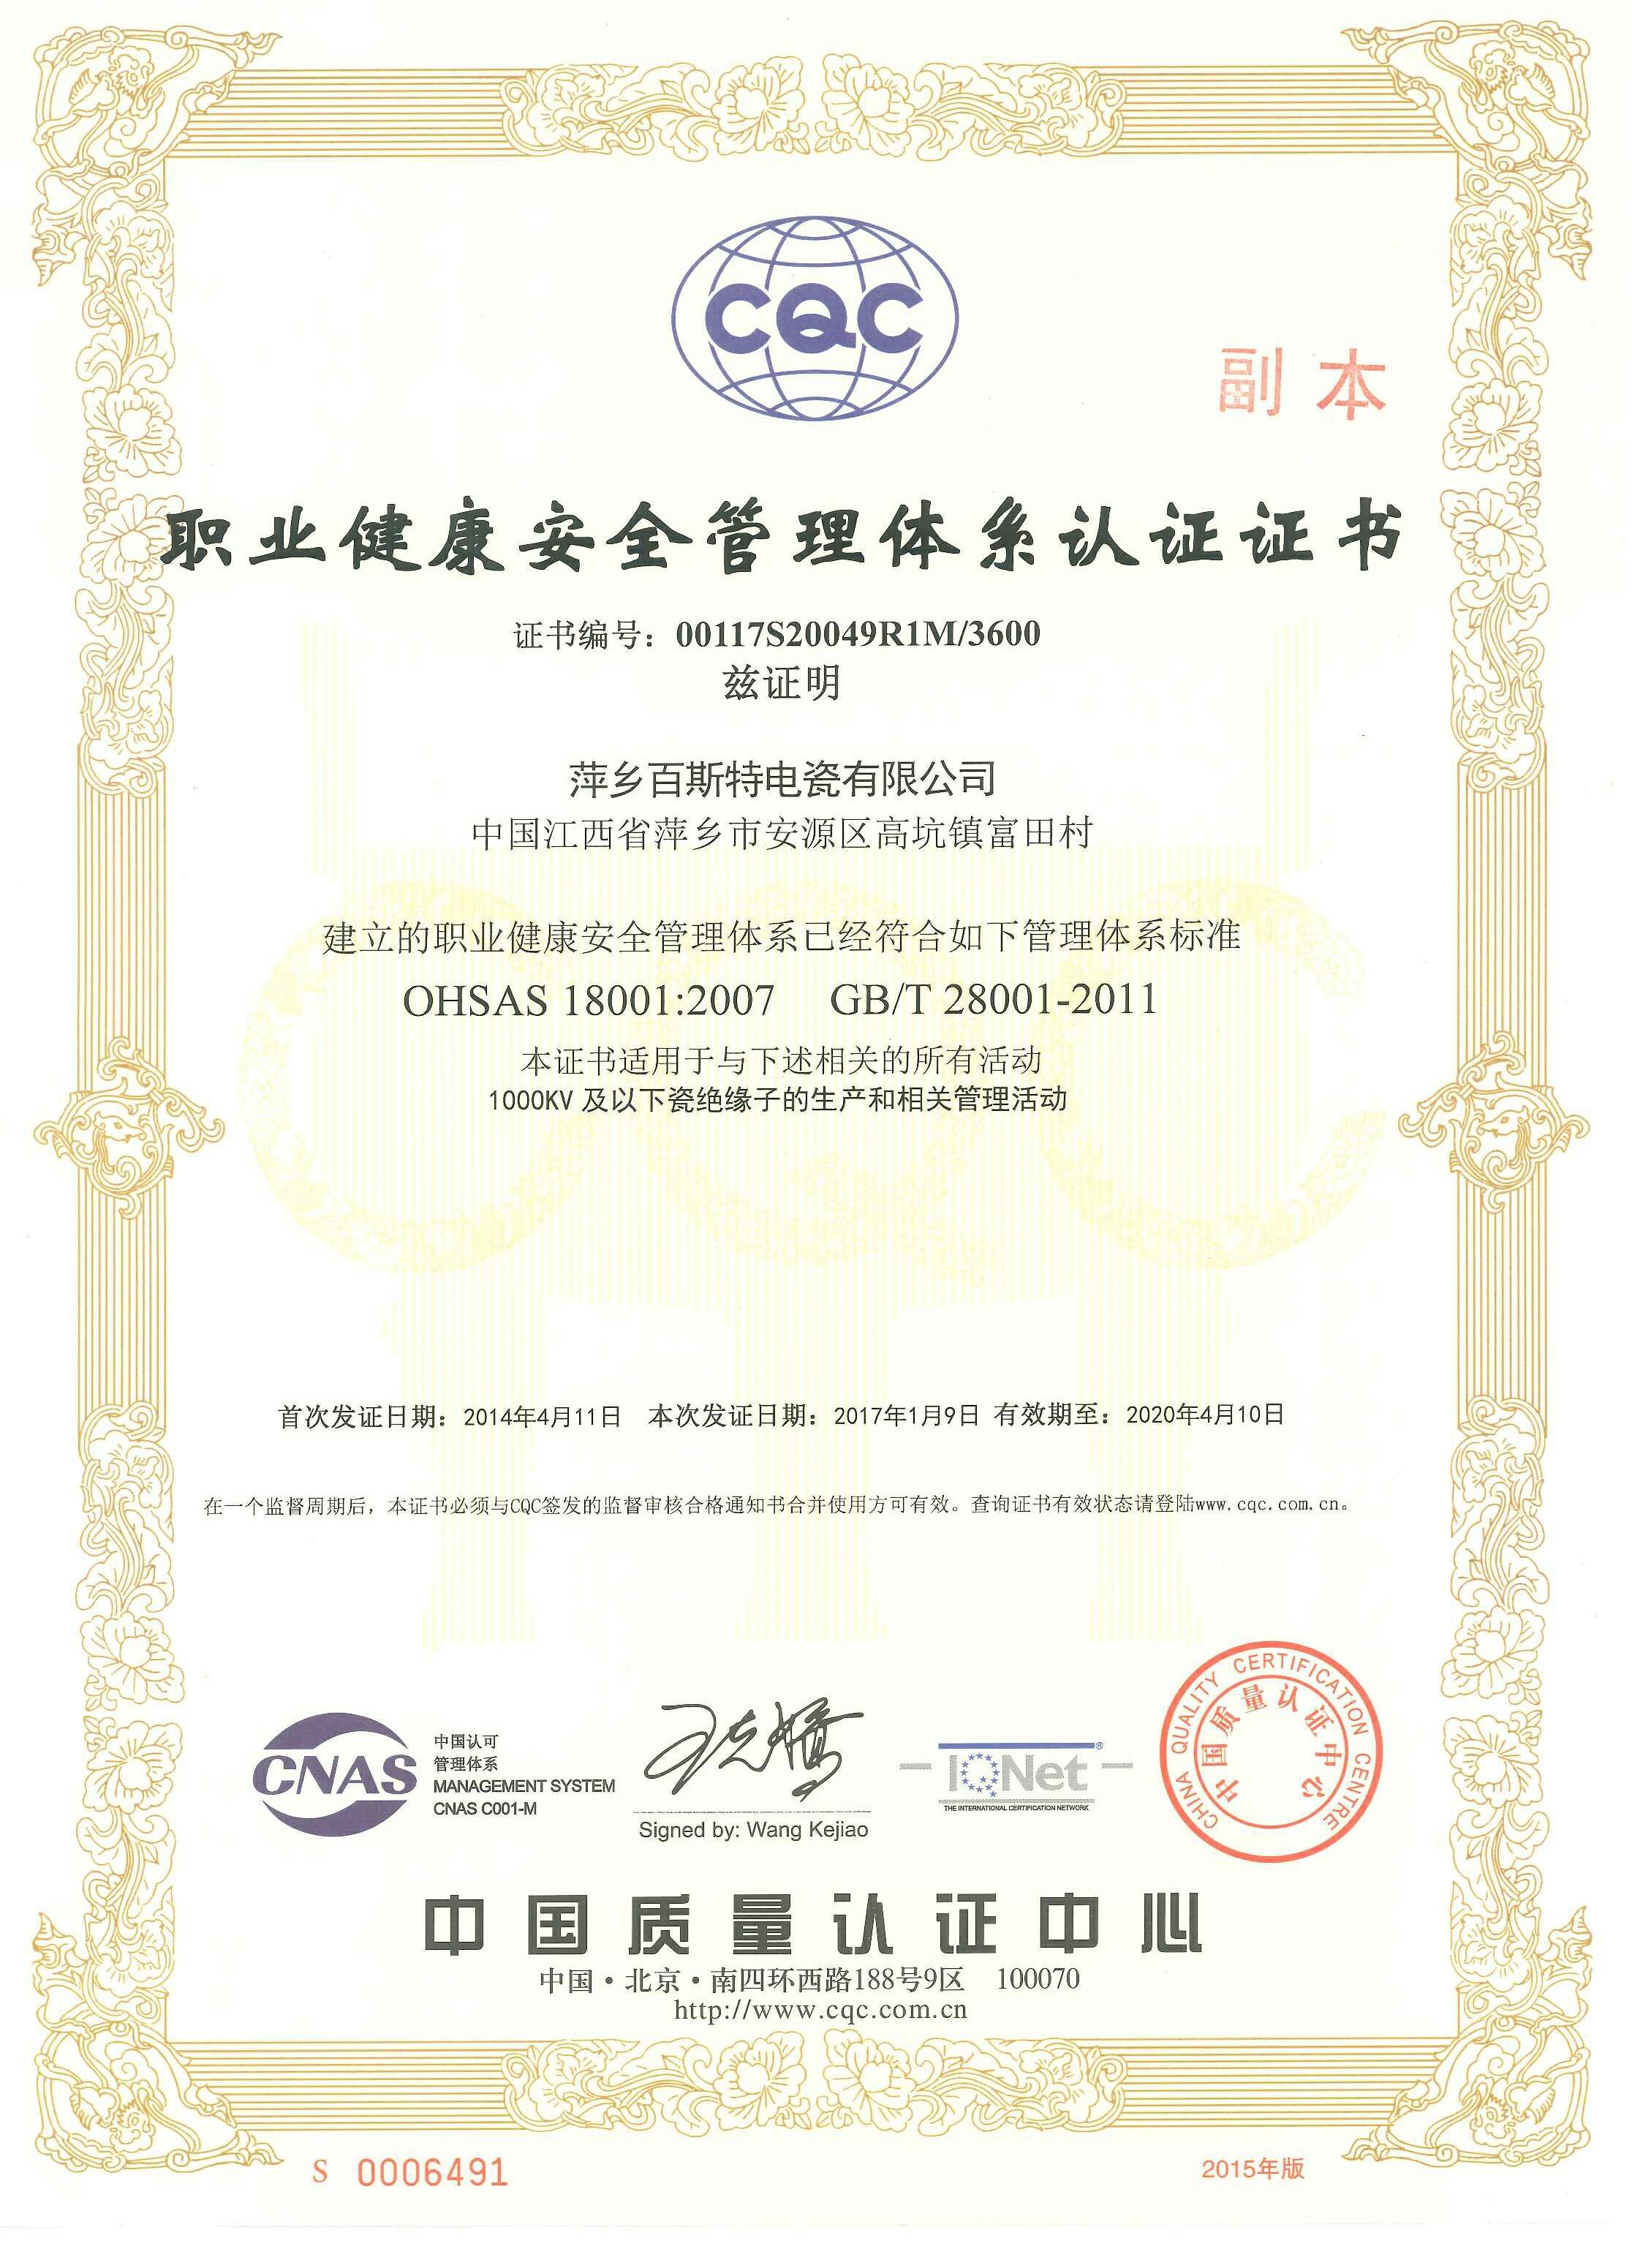 職業健康管理體系認證證書~1